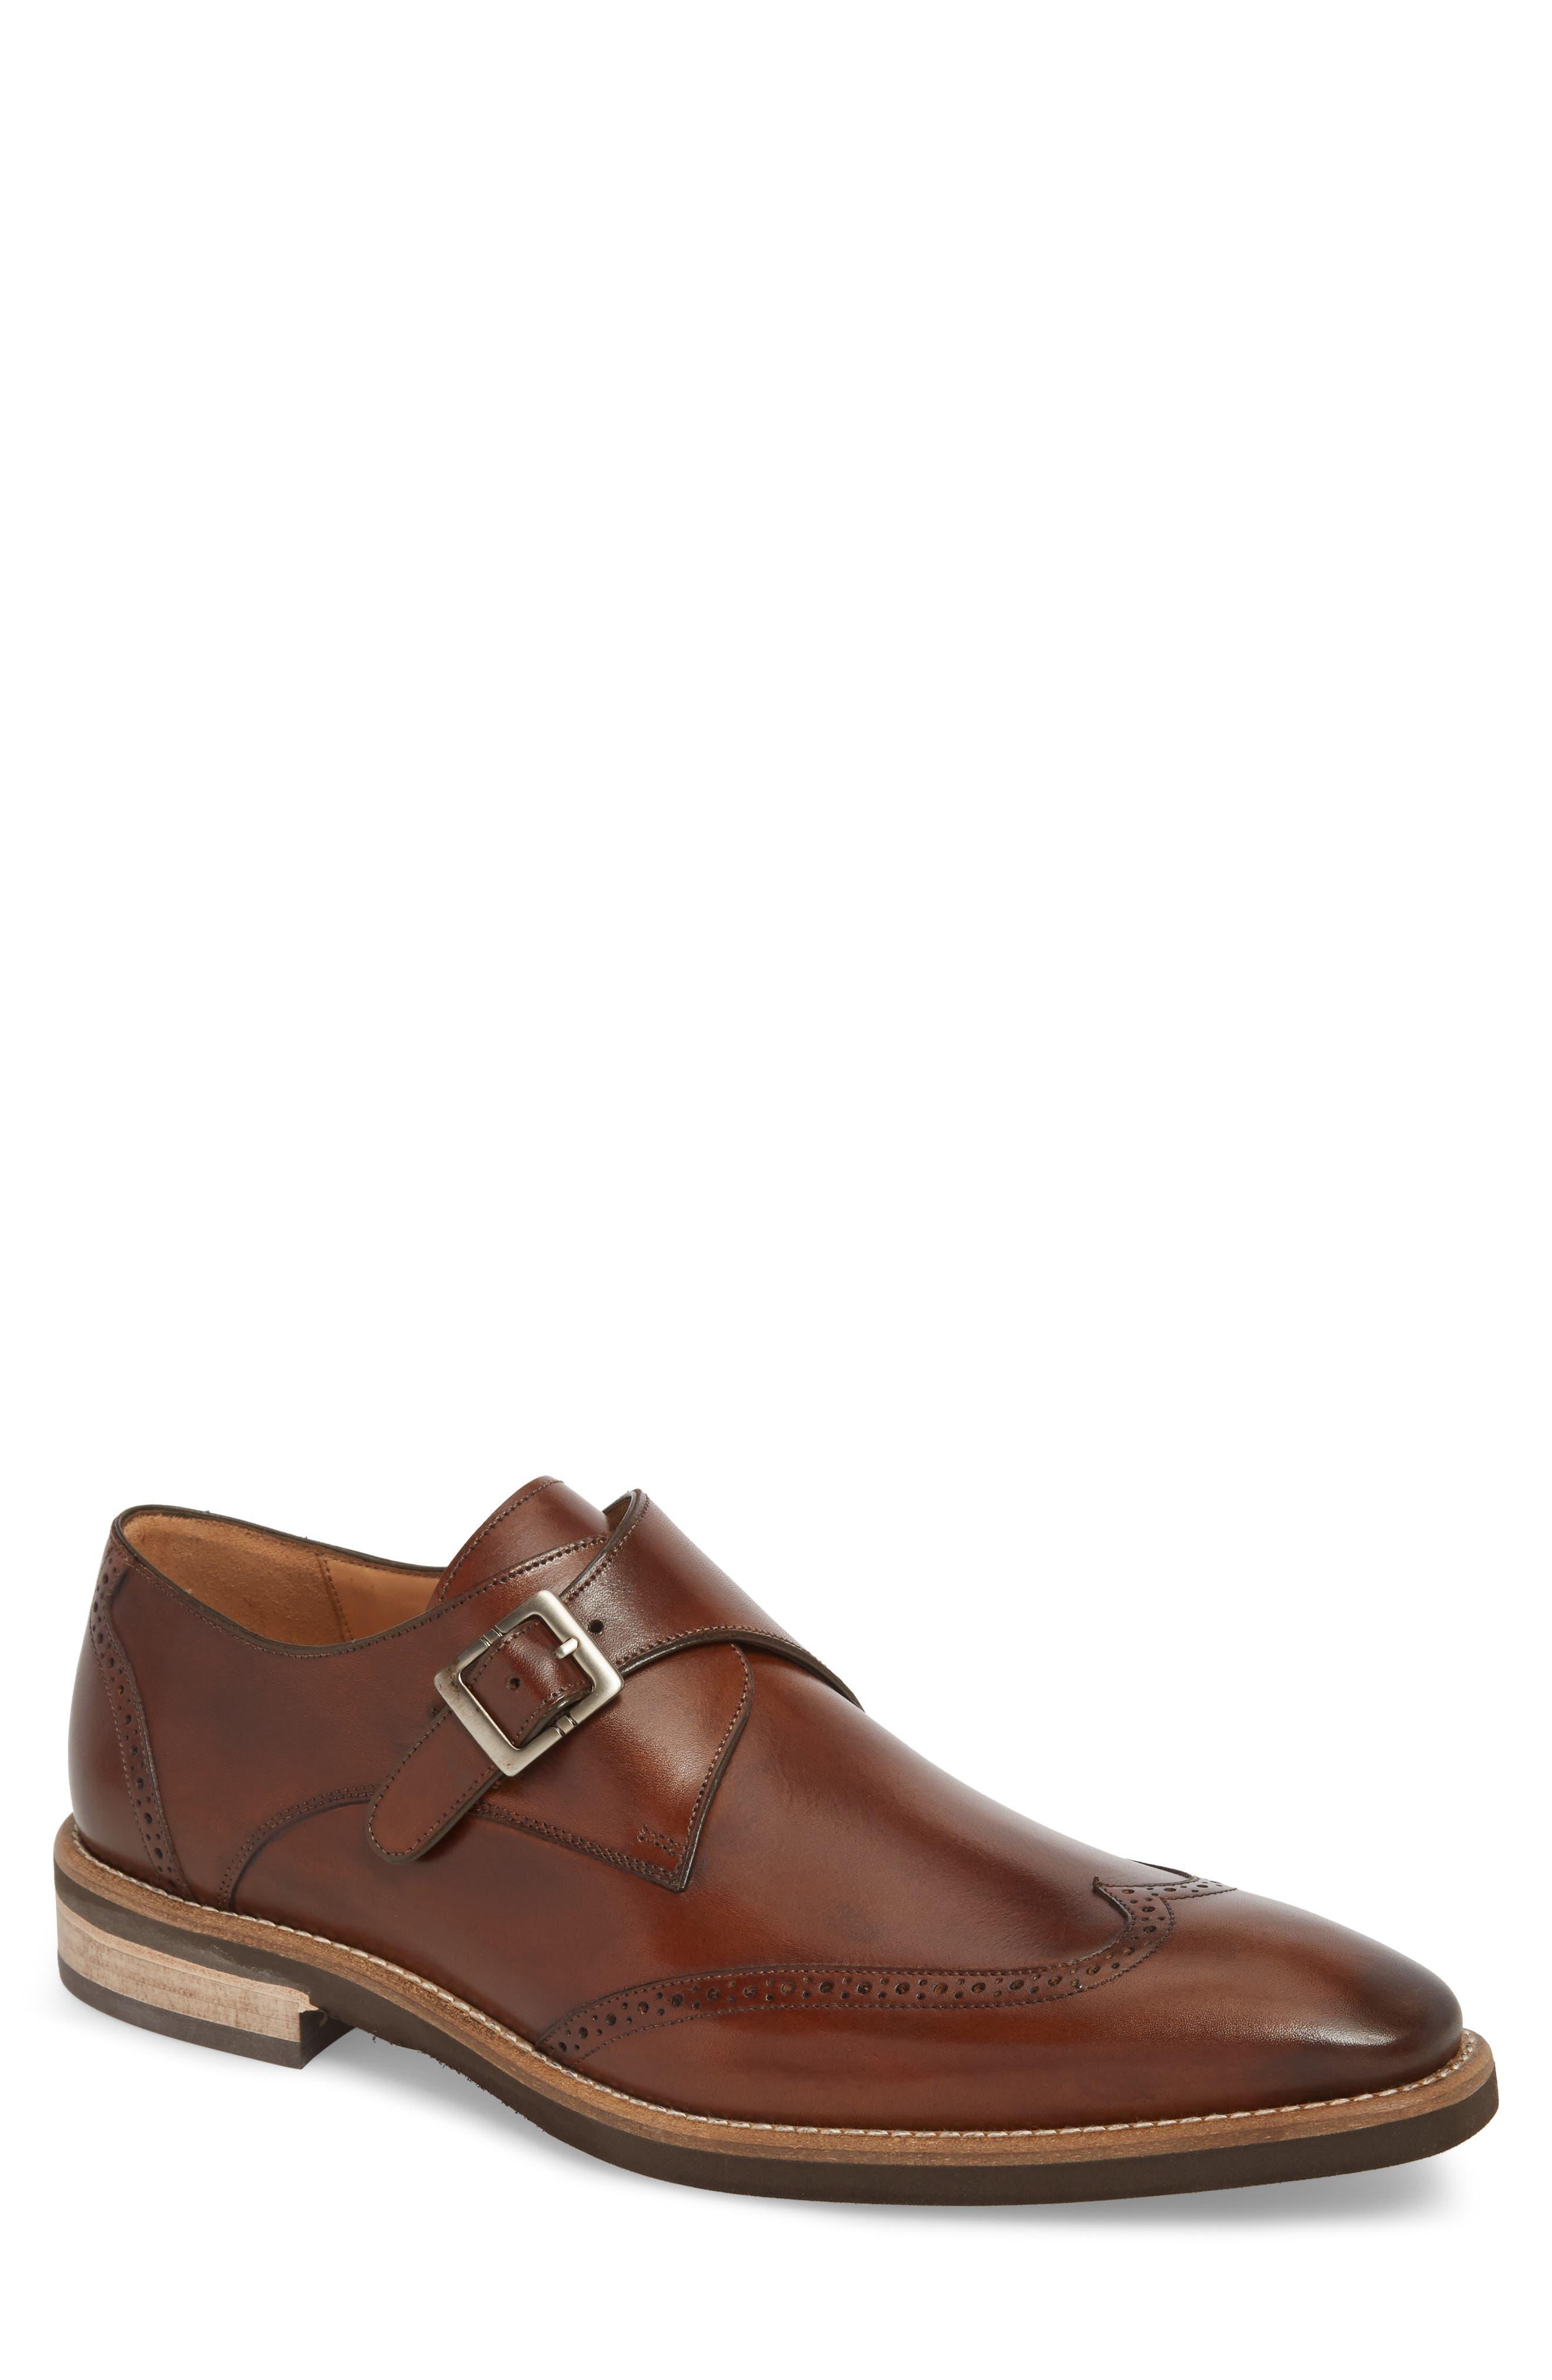 MEZLAN, Feresta Wingtip Monk Shoe, Main thumbnail 1, color, COGNAC